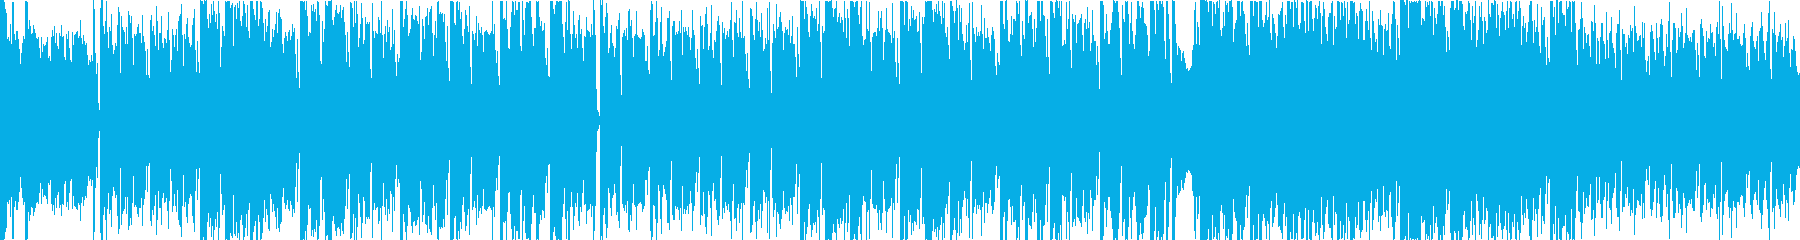 ⭐戦闘/ピアノ/ギター/エレクトロ⭐の再生済みの波形